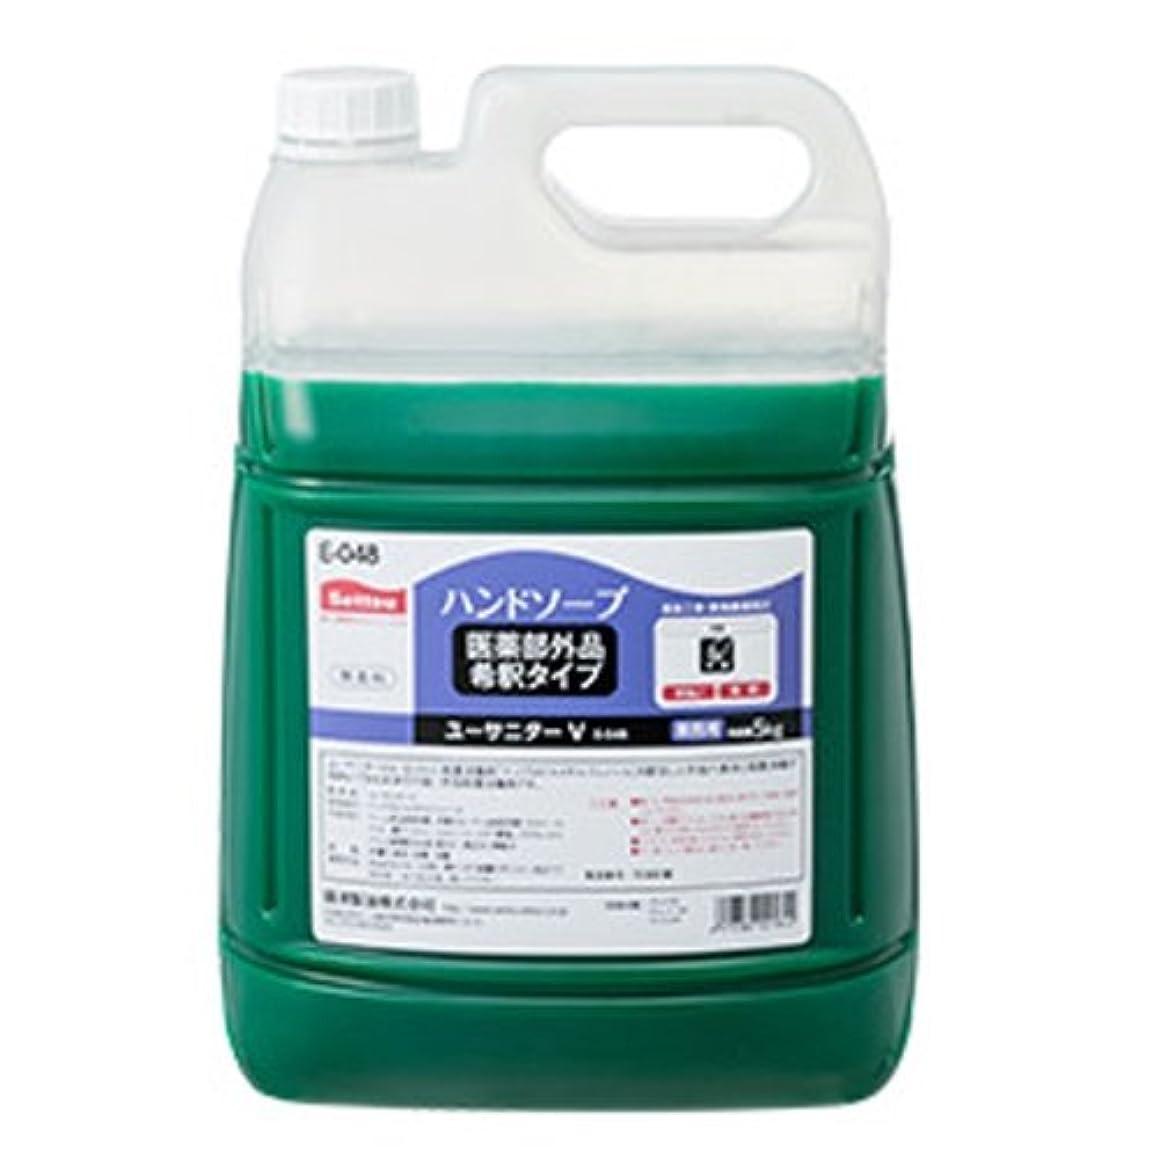 感性資格寝室を掃除する【ケース販売】摂津製油 ユーサニターV 5㎏×3個